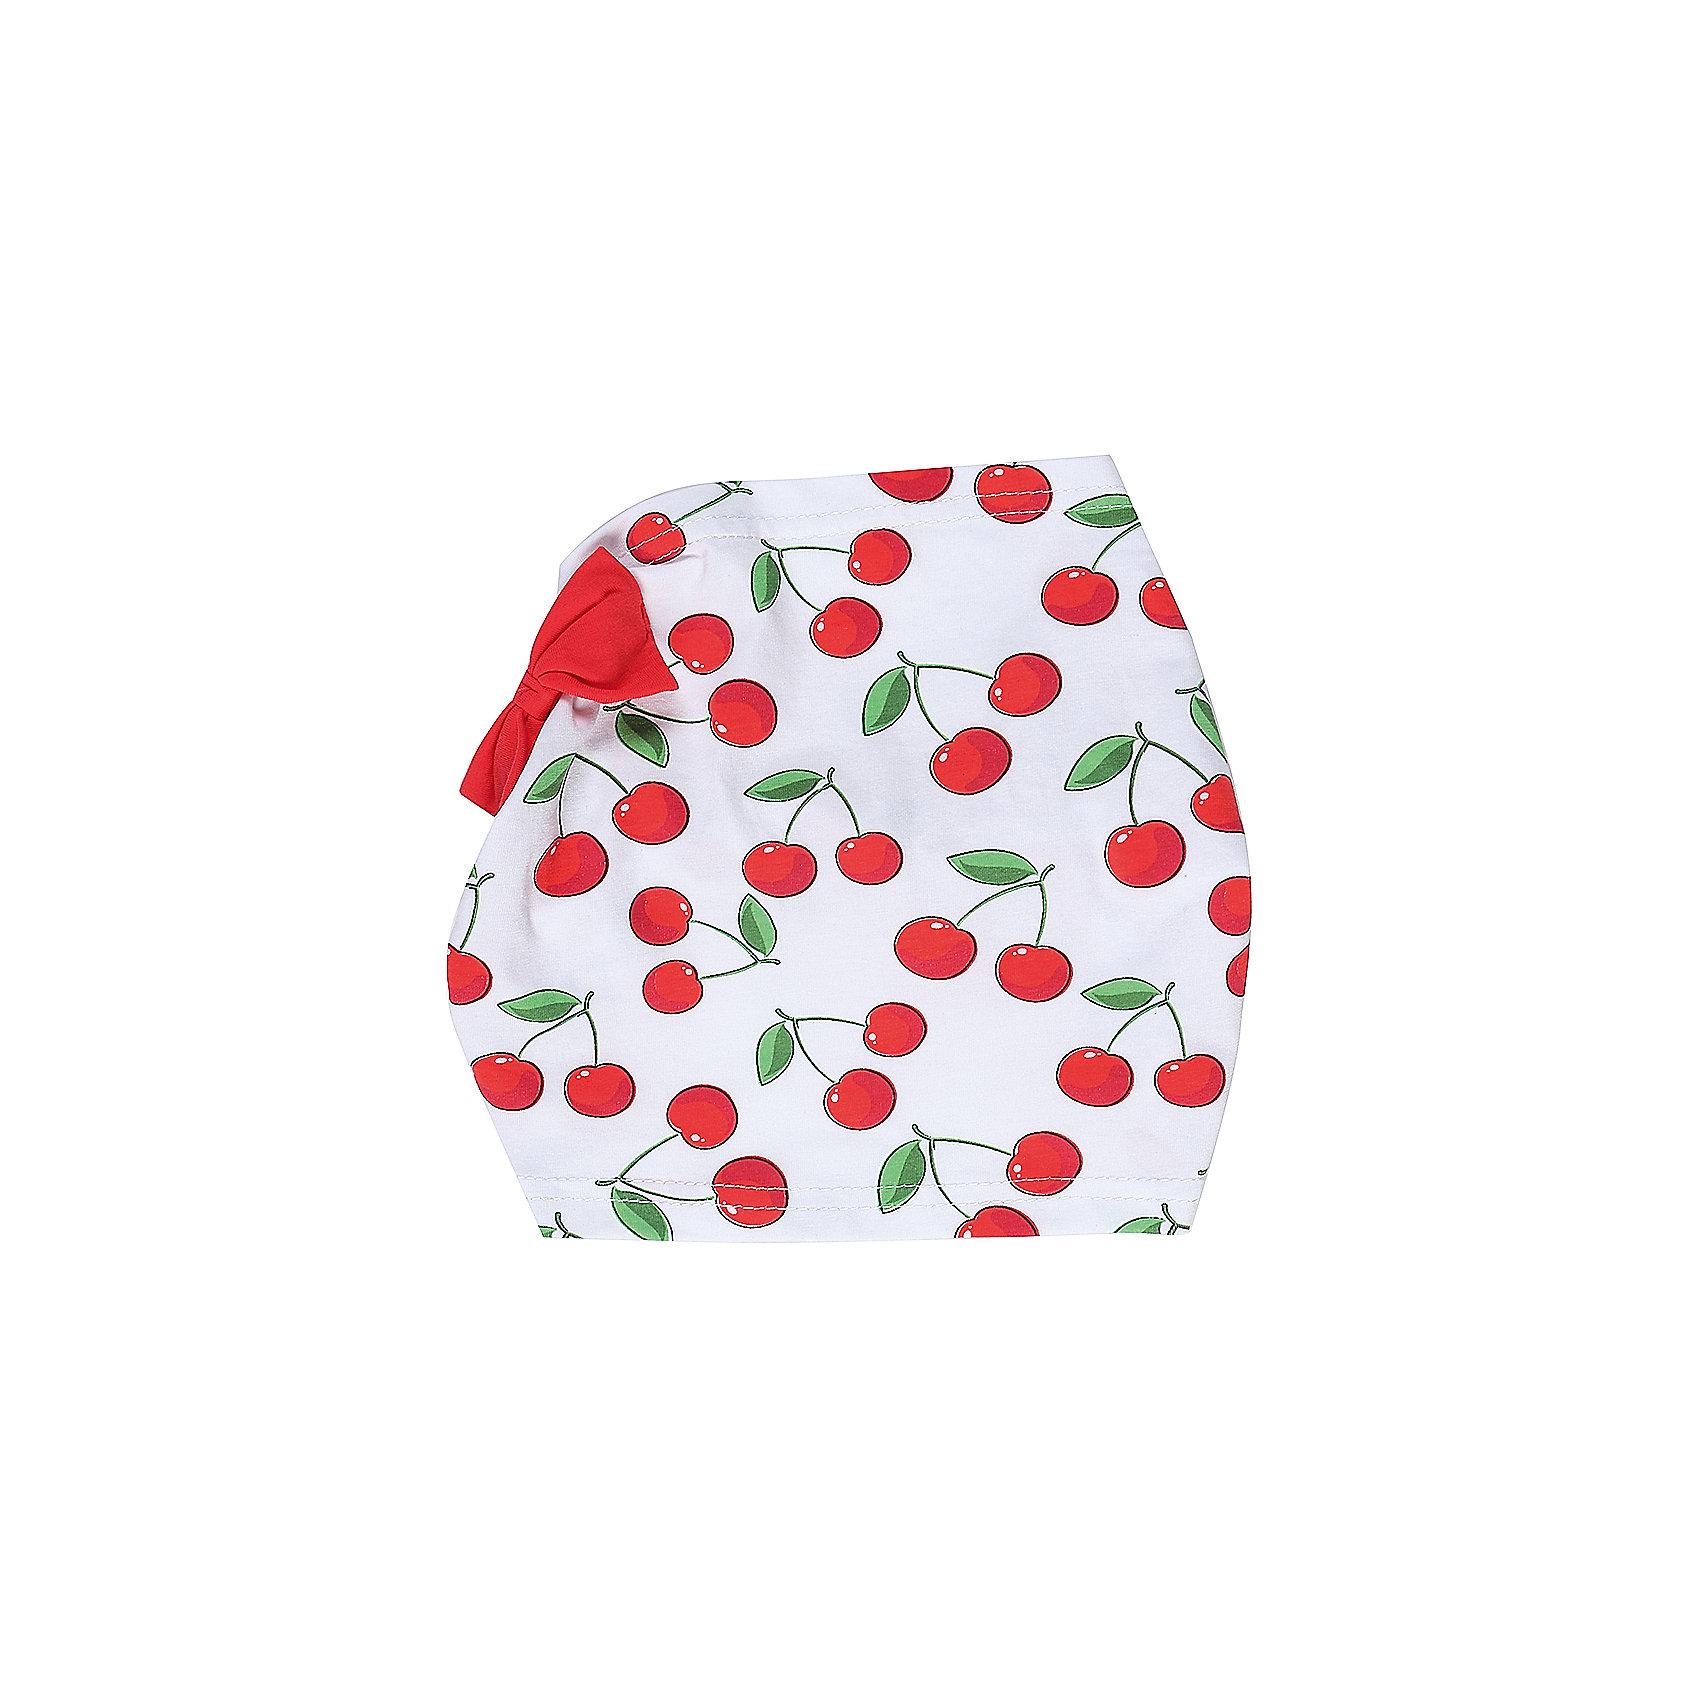 Повязка на голову для девочки Sweet BerryПовязка на голову для девочки от известного бренда Sweet Berry.<br>Состав:<br>95%хлопок 5%эластан<br><br>Ширина мм: 89<br>Глубина мм: 117<br>Высота мм: 44<br>Вес г: 155<br>Цвет: разноцветный<br>Возраст от месяцев: 24<br>Возраст до месяцев: 36<br>Пол: Женский<br>Возраст: Детский<br>Размер: 50,52,54<br>SKU: 5409971